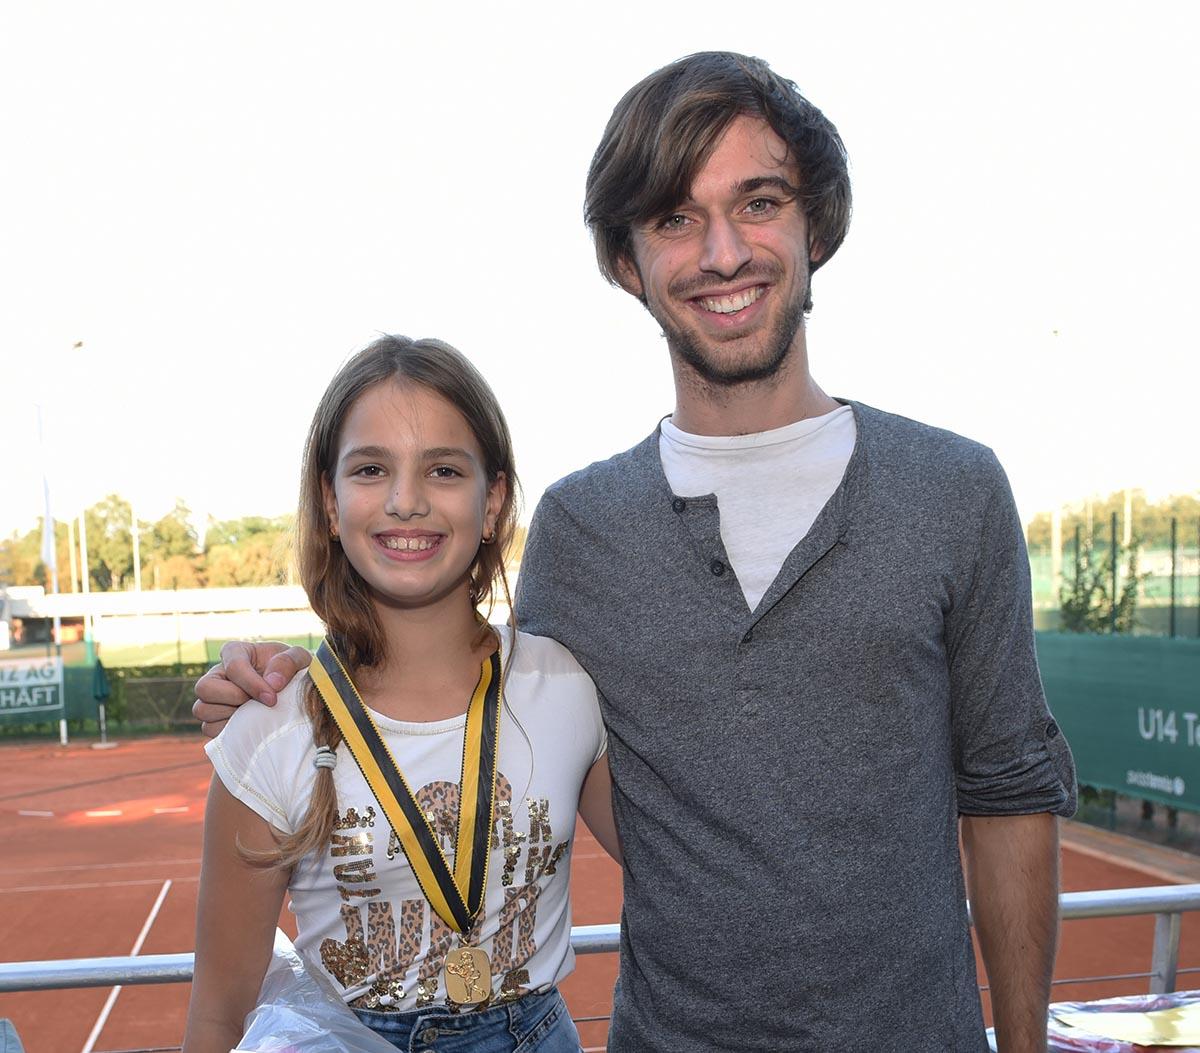 Clubmeisterin U14: Lara Velickovic